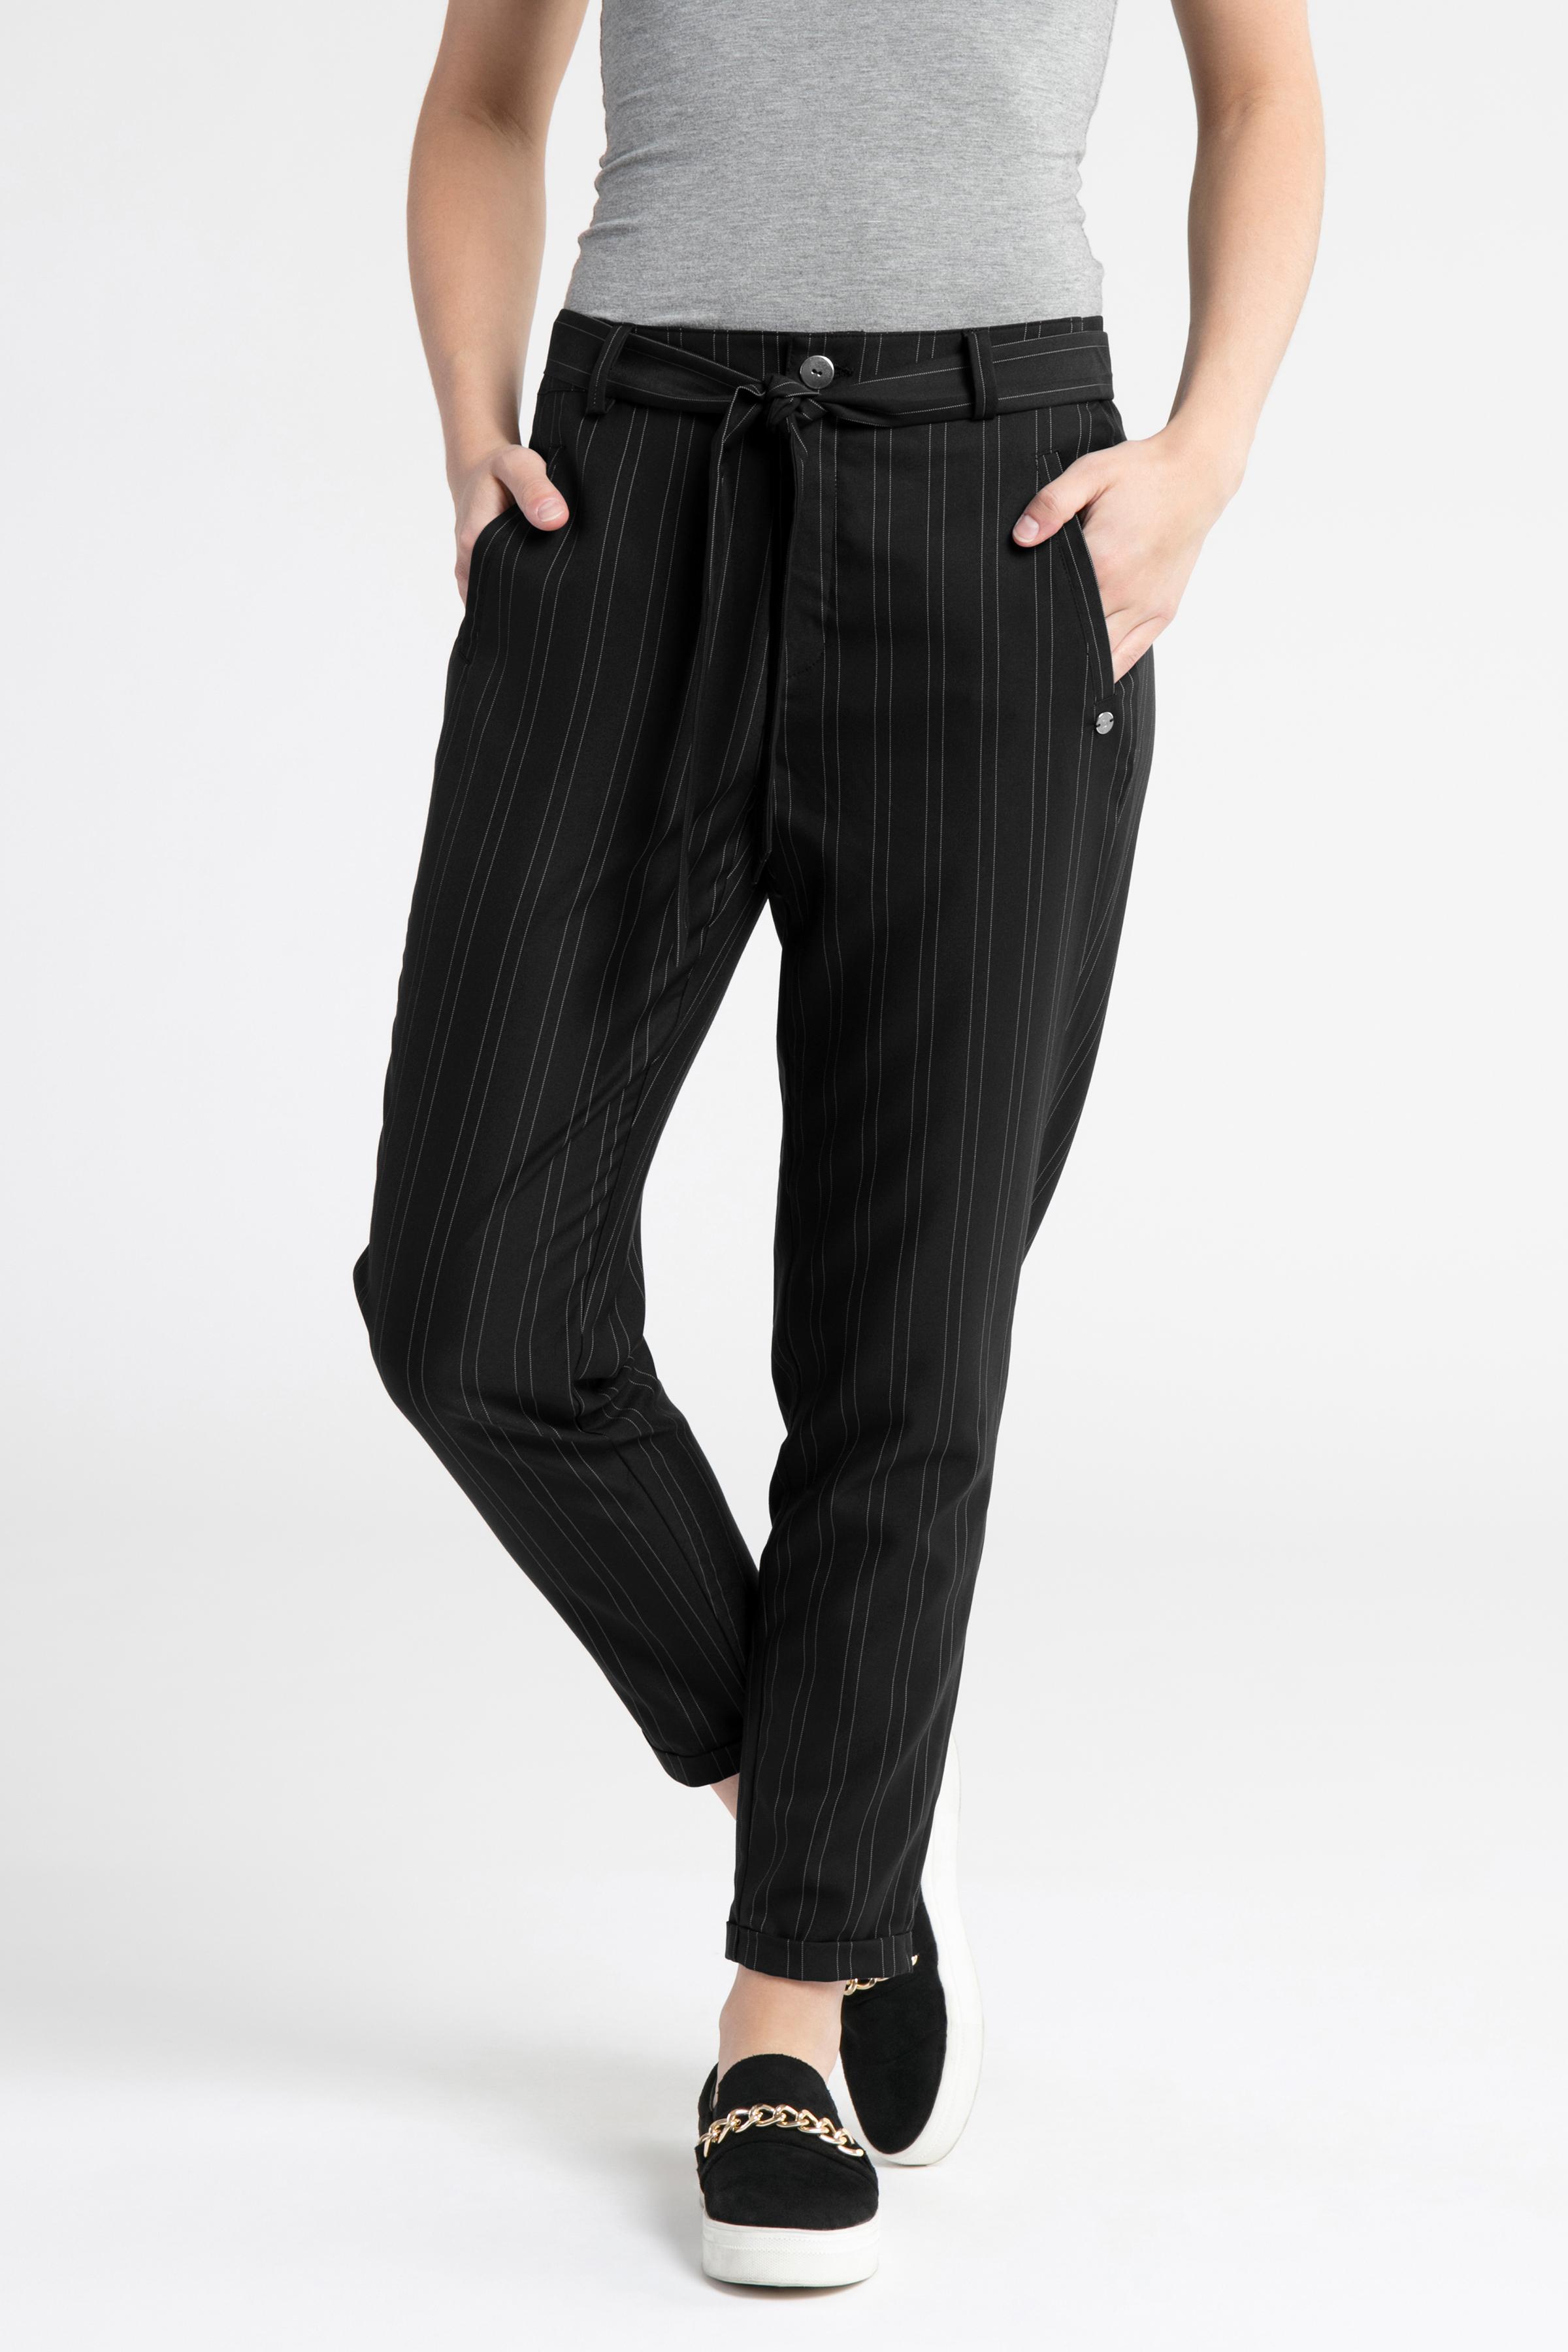 Mørkeblå/off-white Casual bukser fra Dranella – Køb Mørkeblå/off-white Casual bukser fra str. 32-46 her